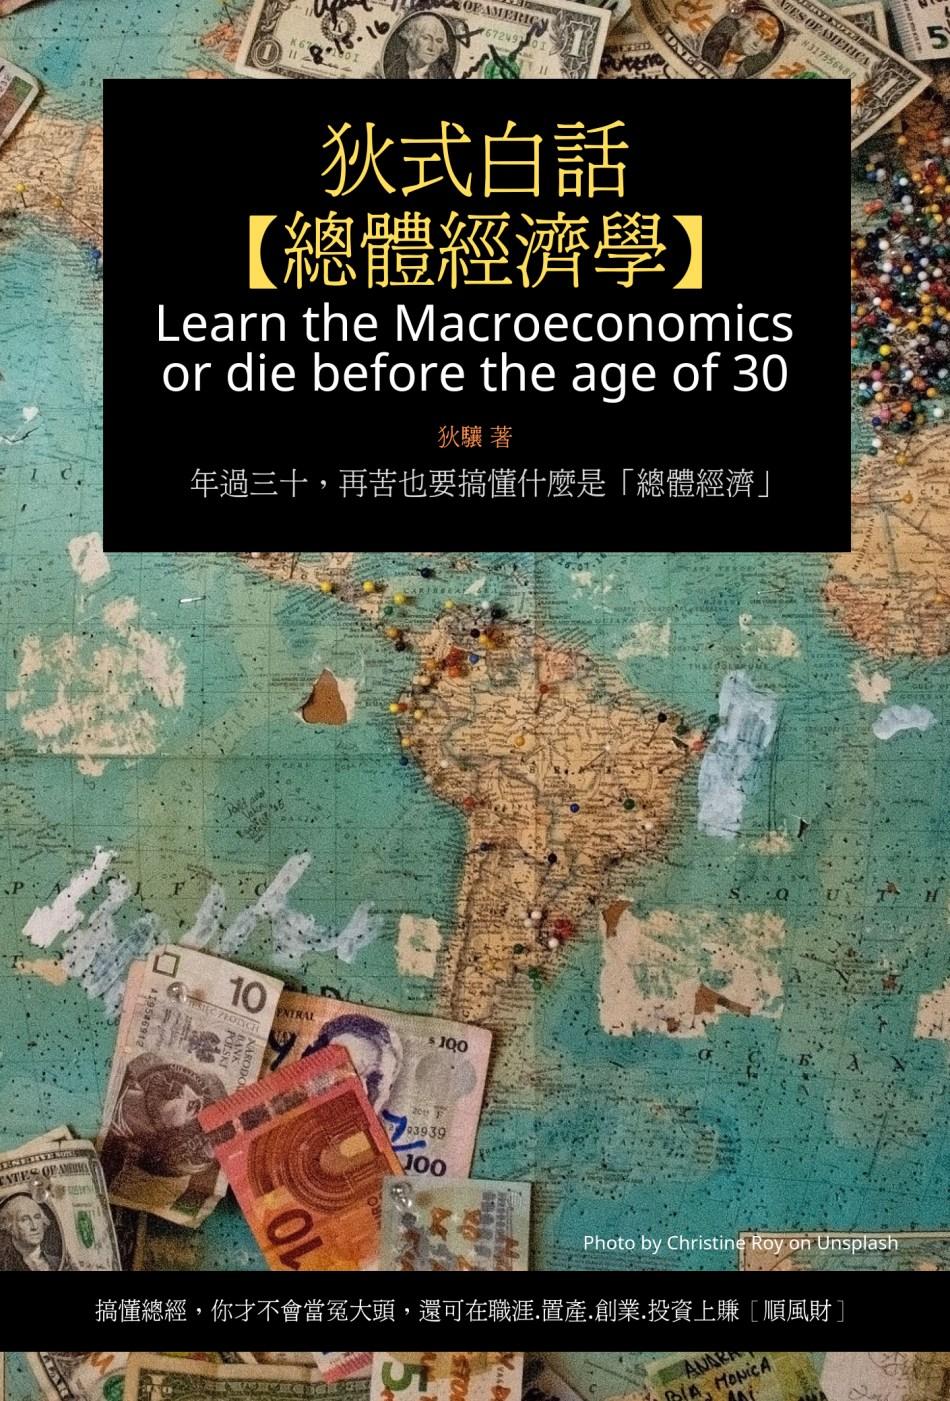 狄式白話【總體經濟學】:年過三十,再苦也要搞懂什麼是「總體經濟」